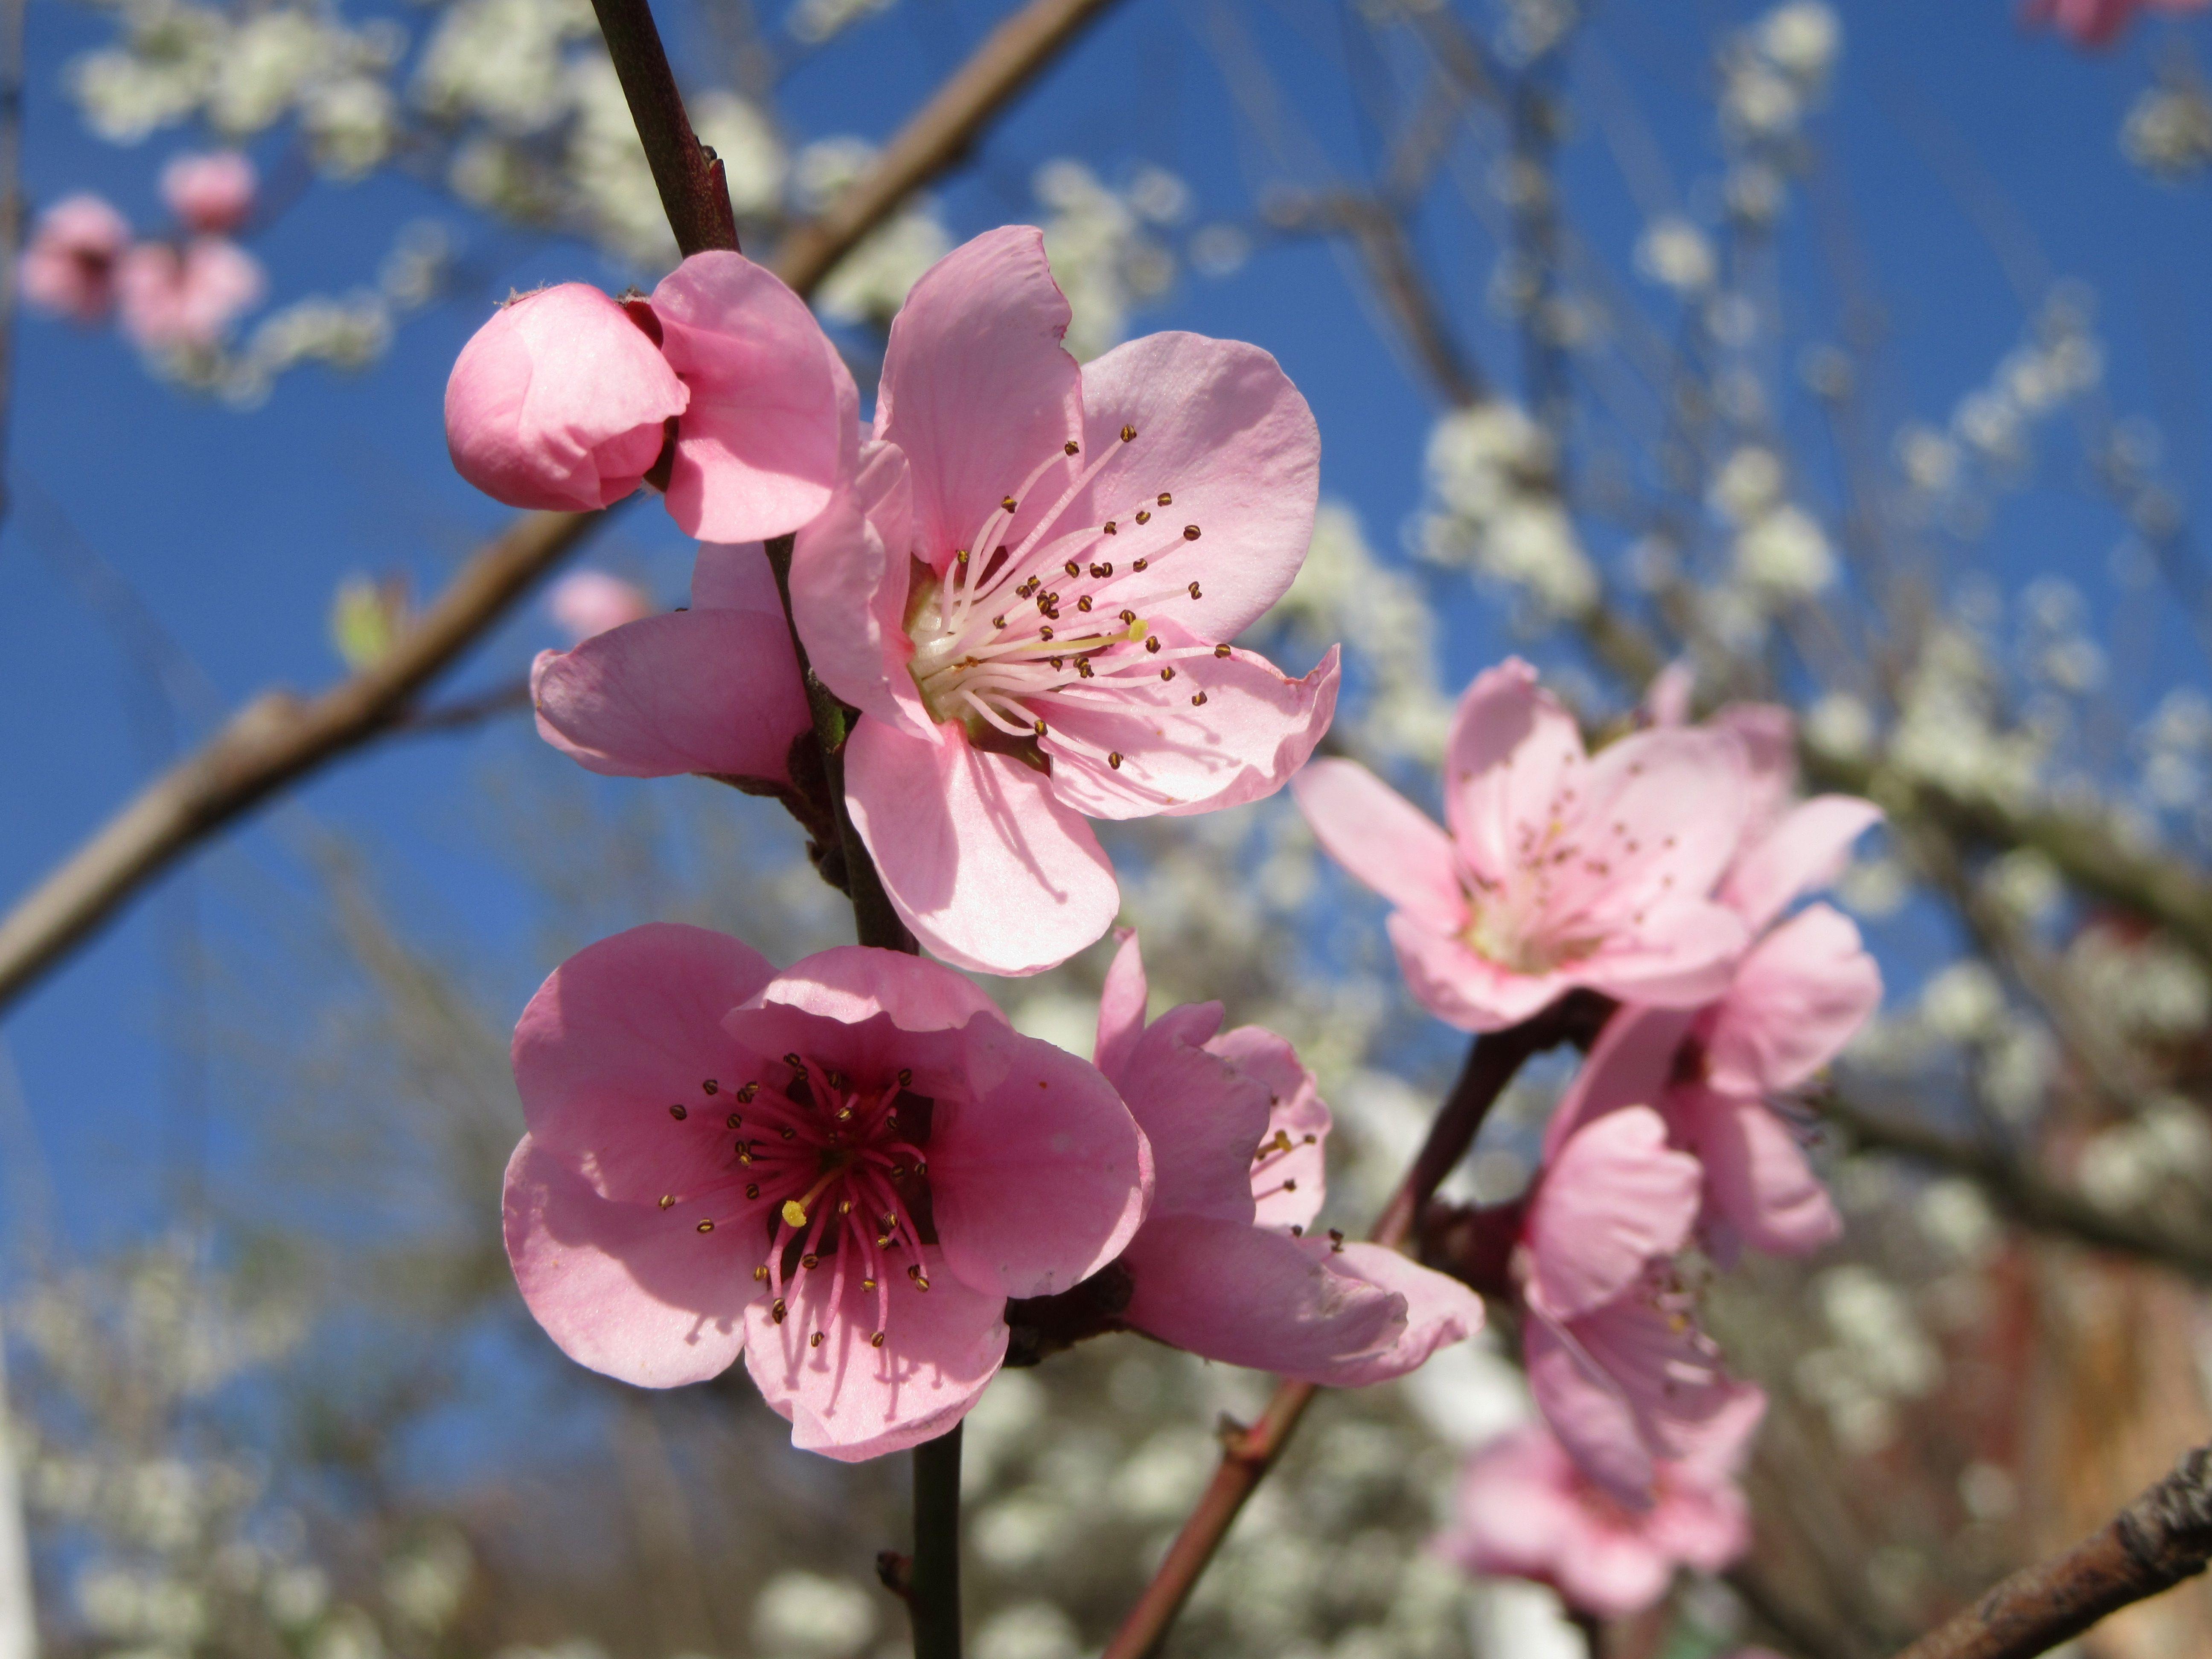 branche fleur de cerisier branche fleur de cerisier